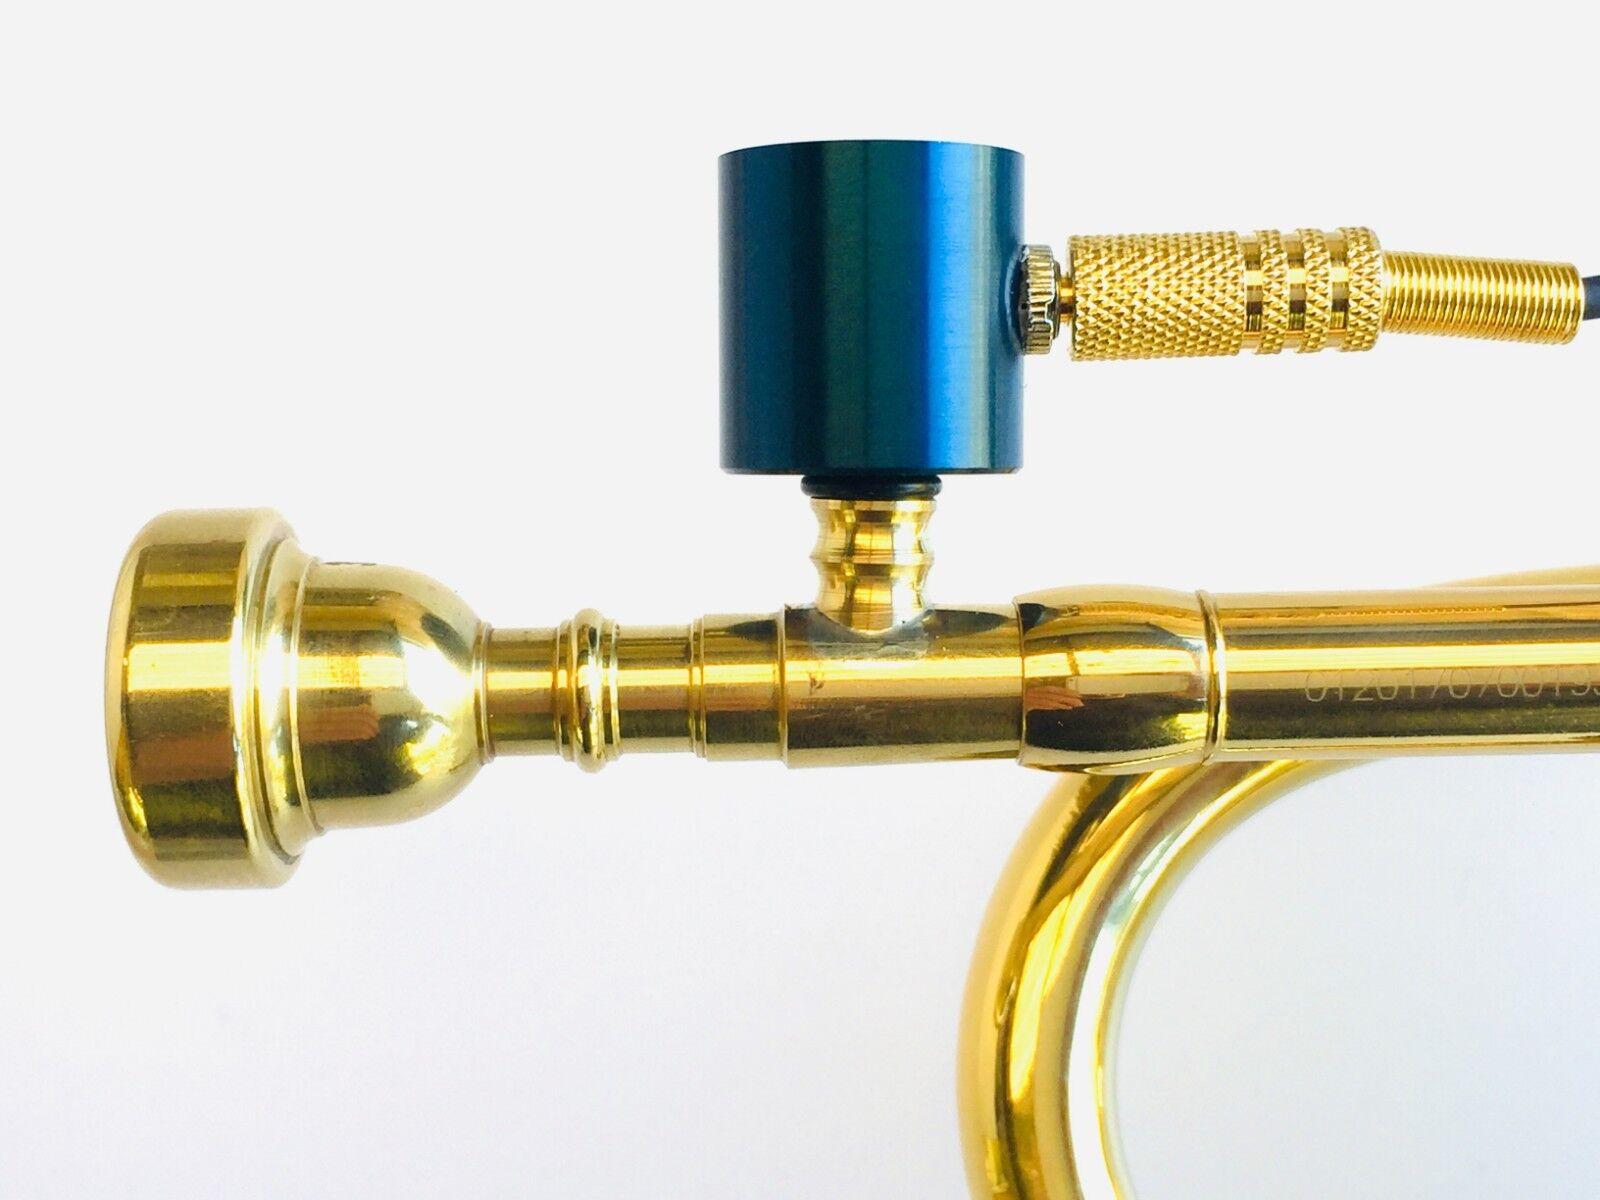 Trompeta piezobarrel P9 Pickup micrófono, Boquilla Bach Bach Bach estilo 7C y Cable 4m  edición limitada en caliente